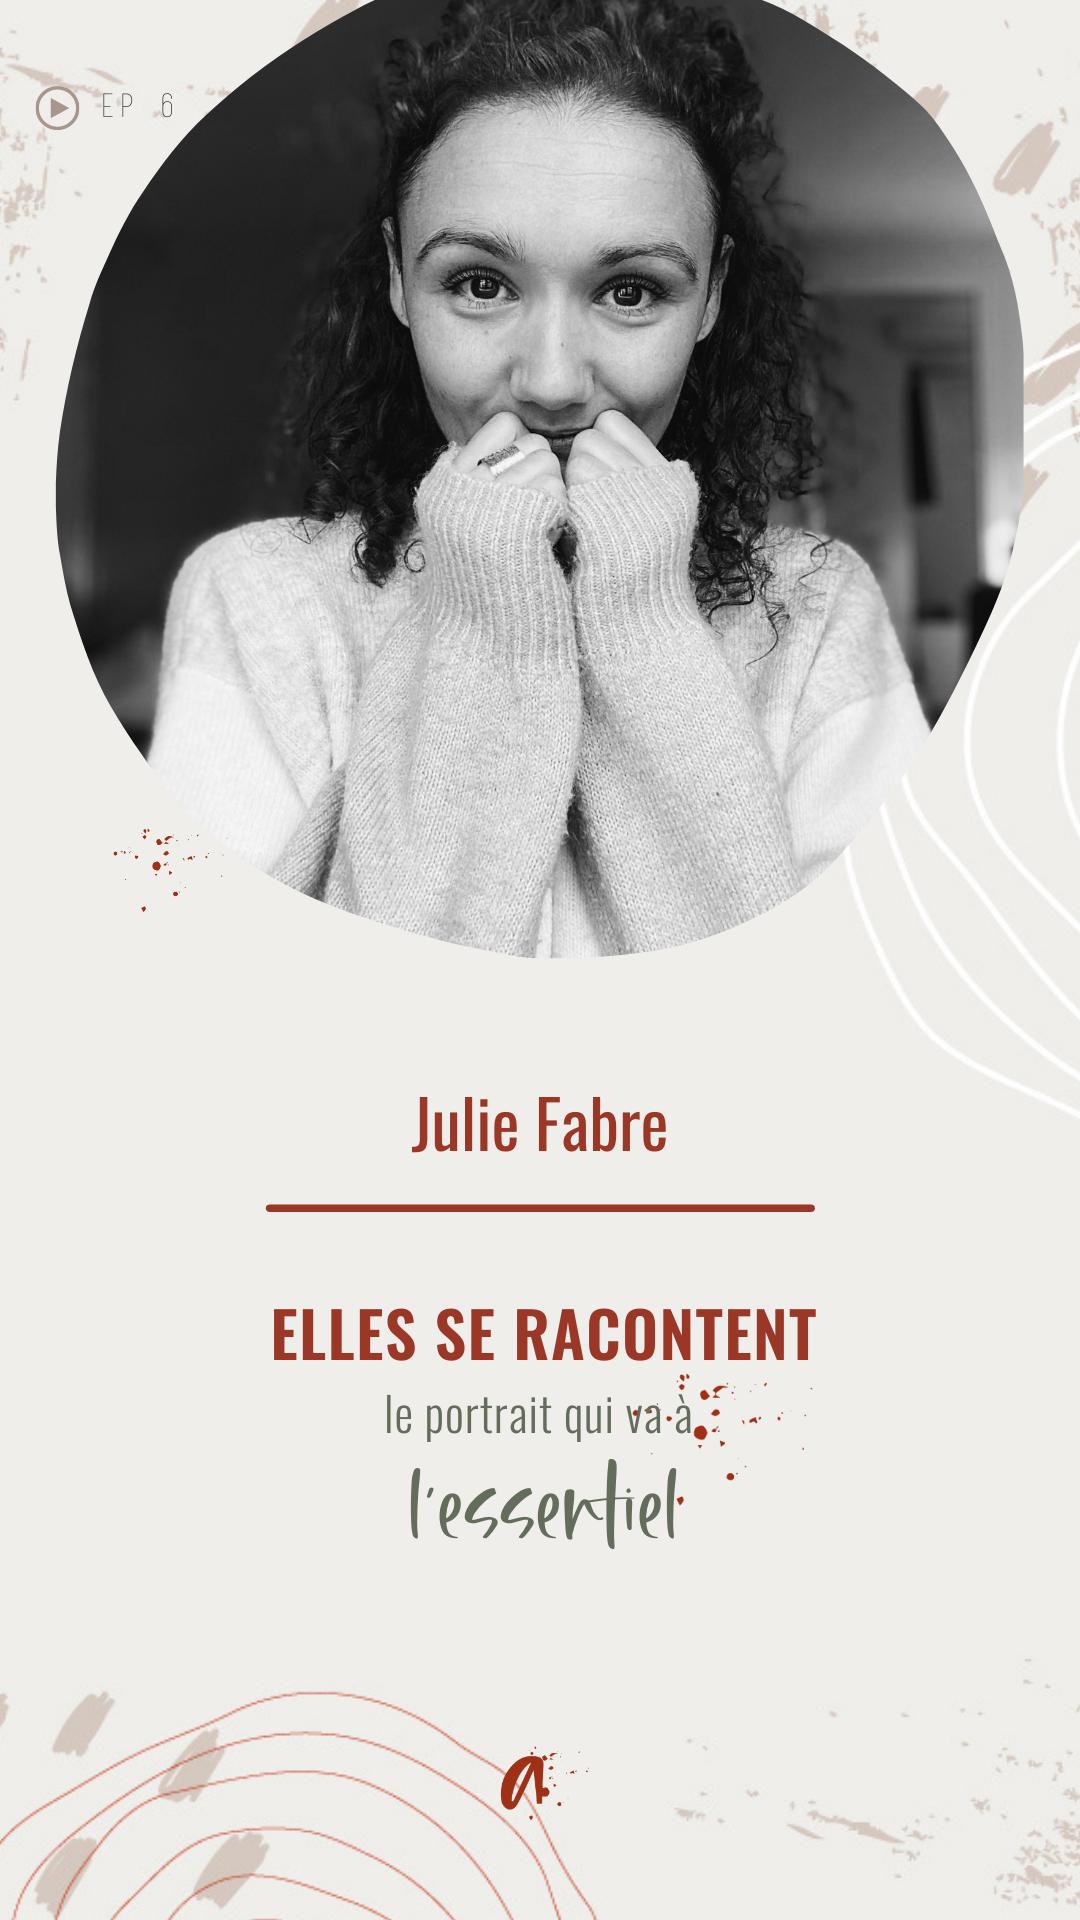 visuel portrait elles se racontent avec Julie Fabre